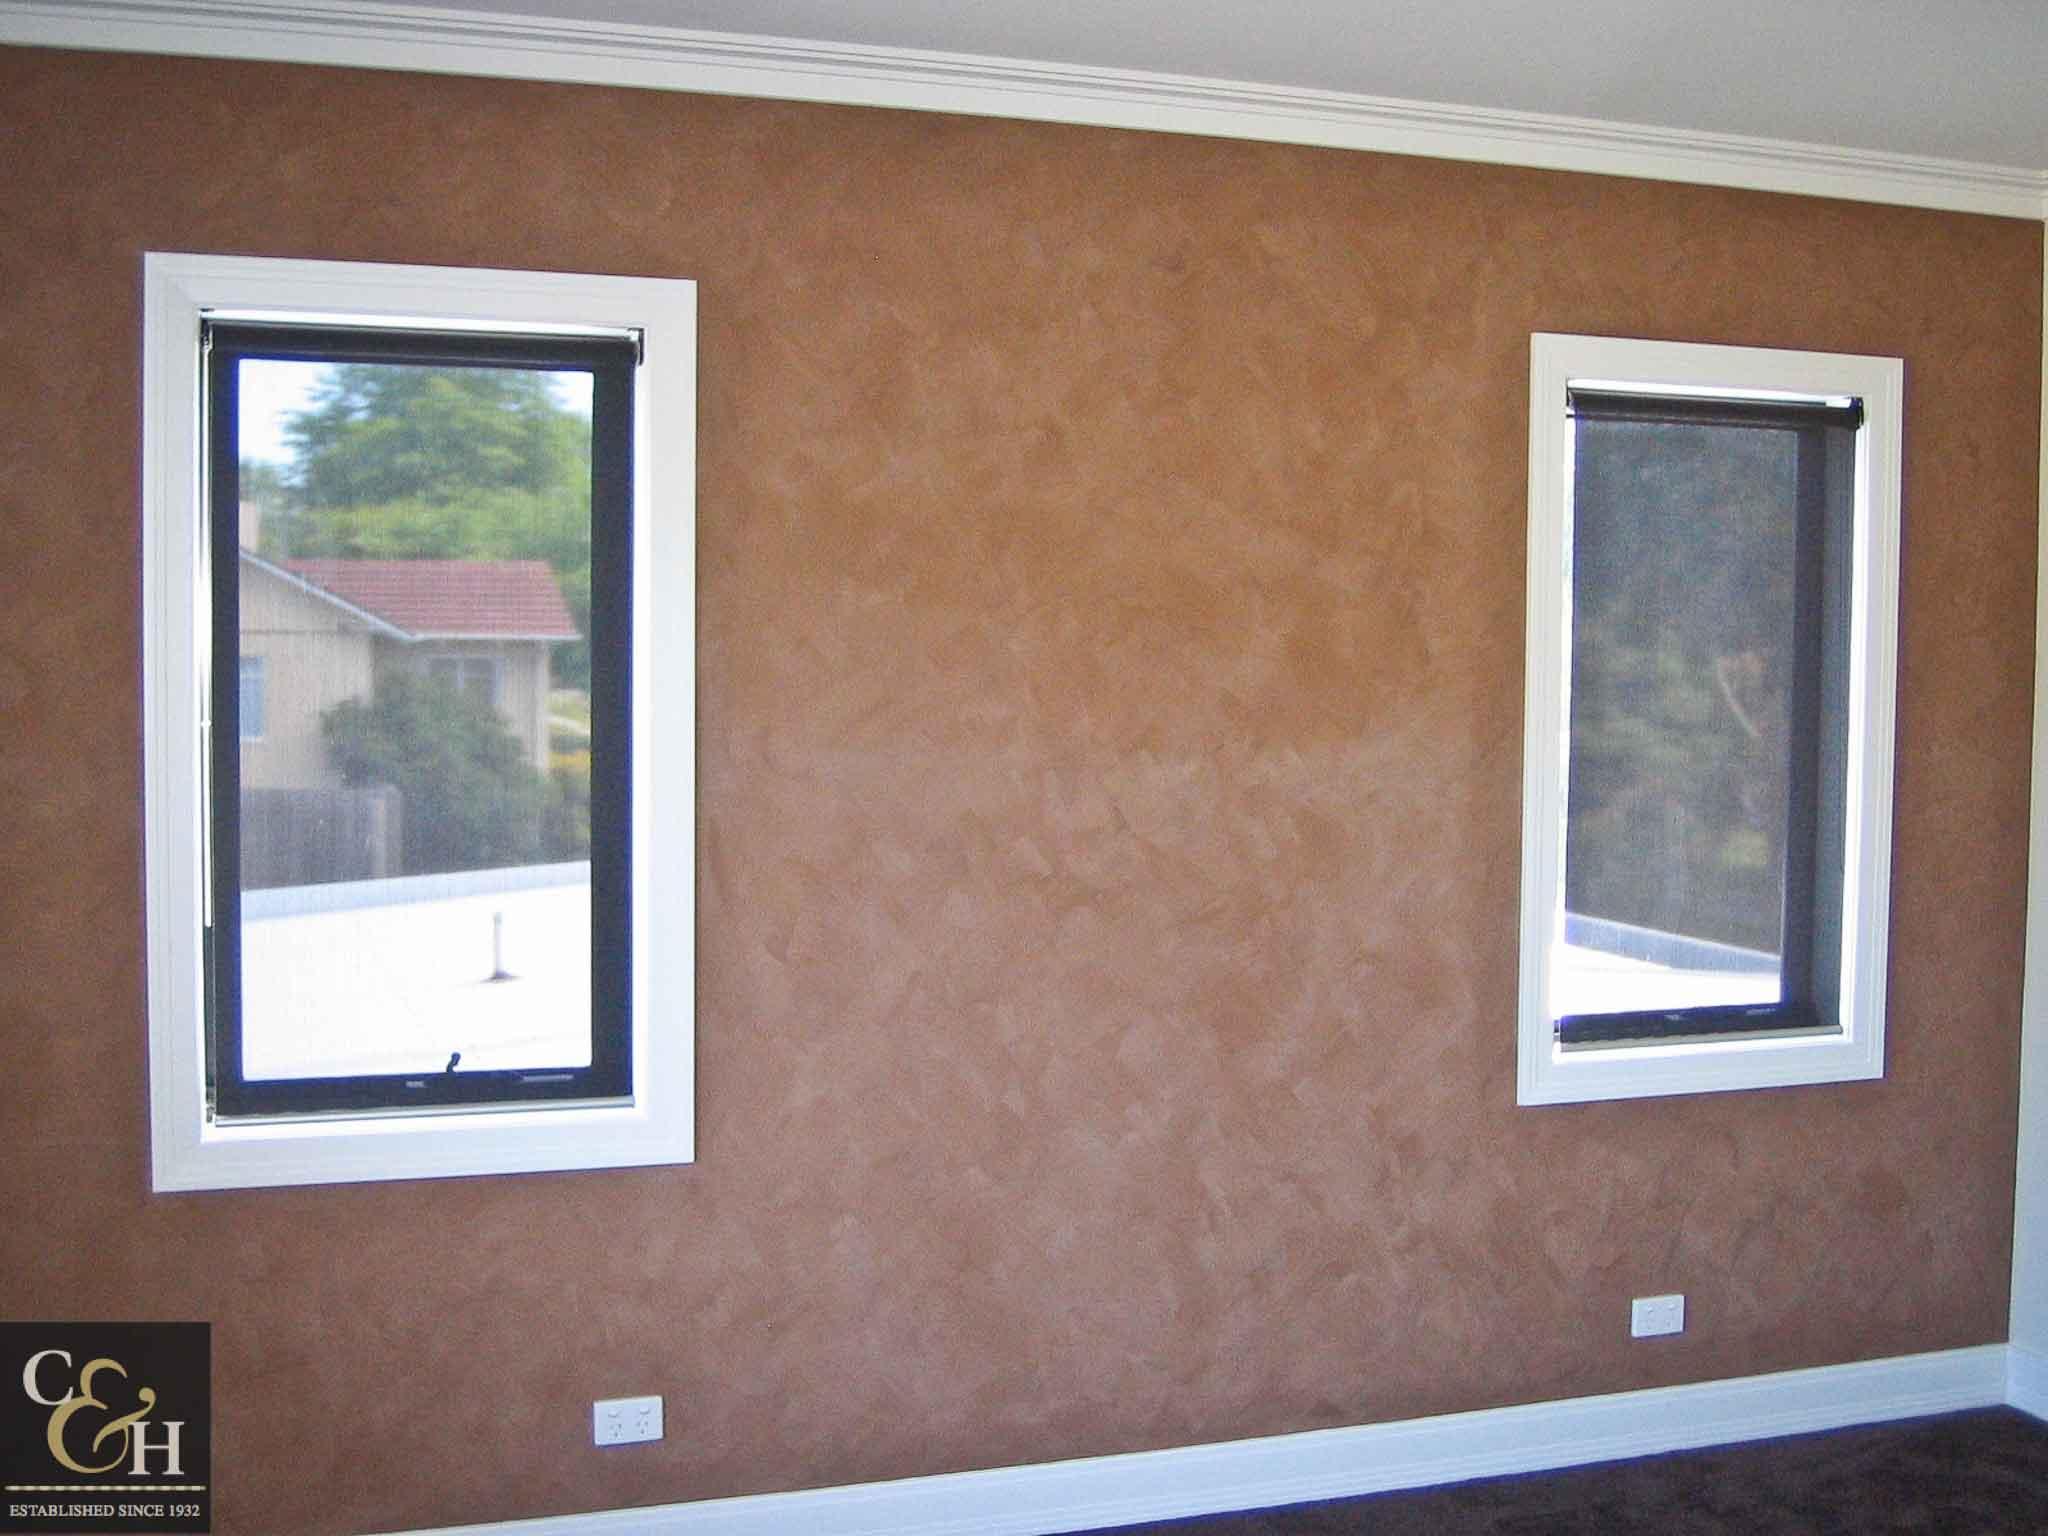 Screen-Roller-Blinds-12 inside a house